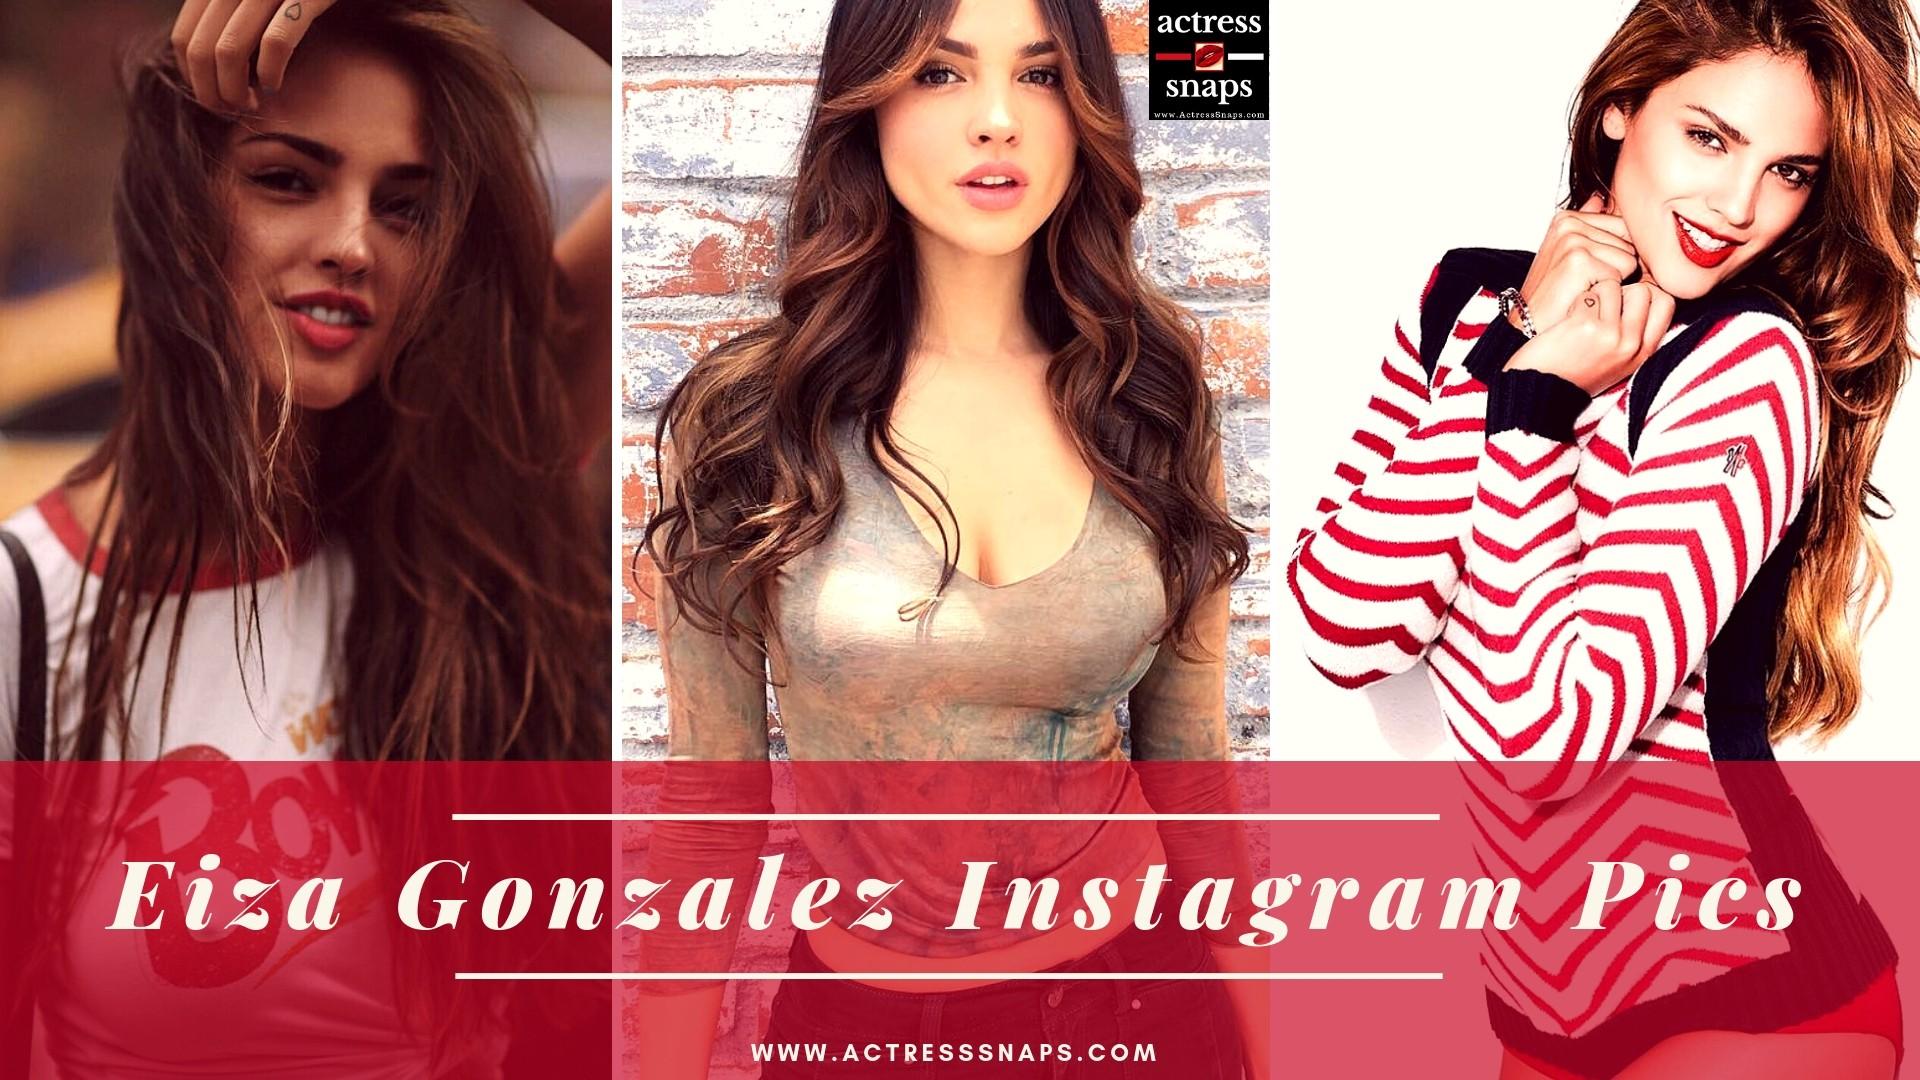 Eiza Gonzalez - All of the Sexy Instagram Photos - Sexy Actress Pictures   Hot Actress Pictures - ActressSnaps.com